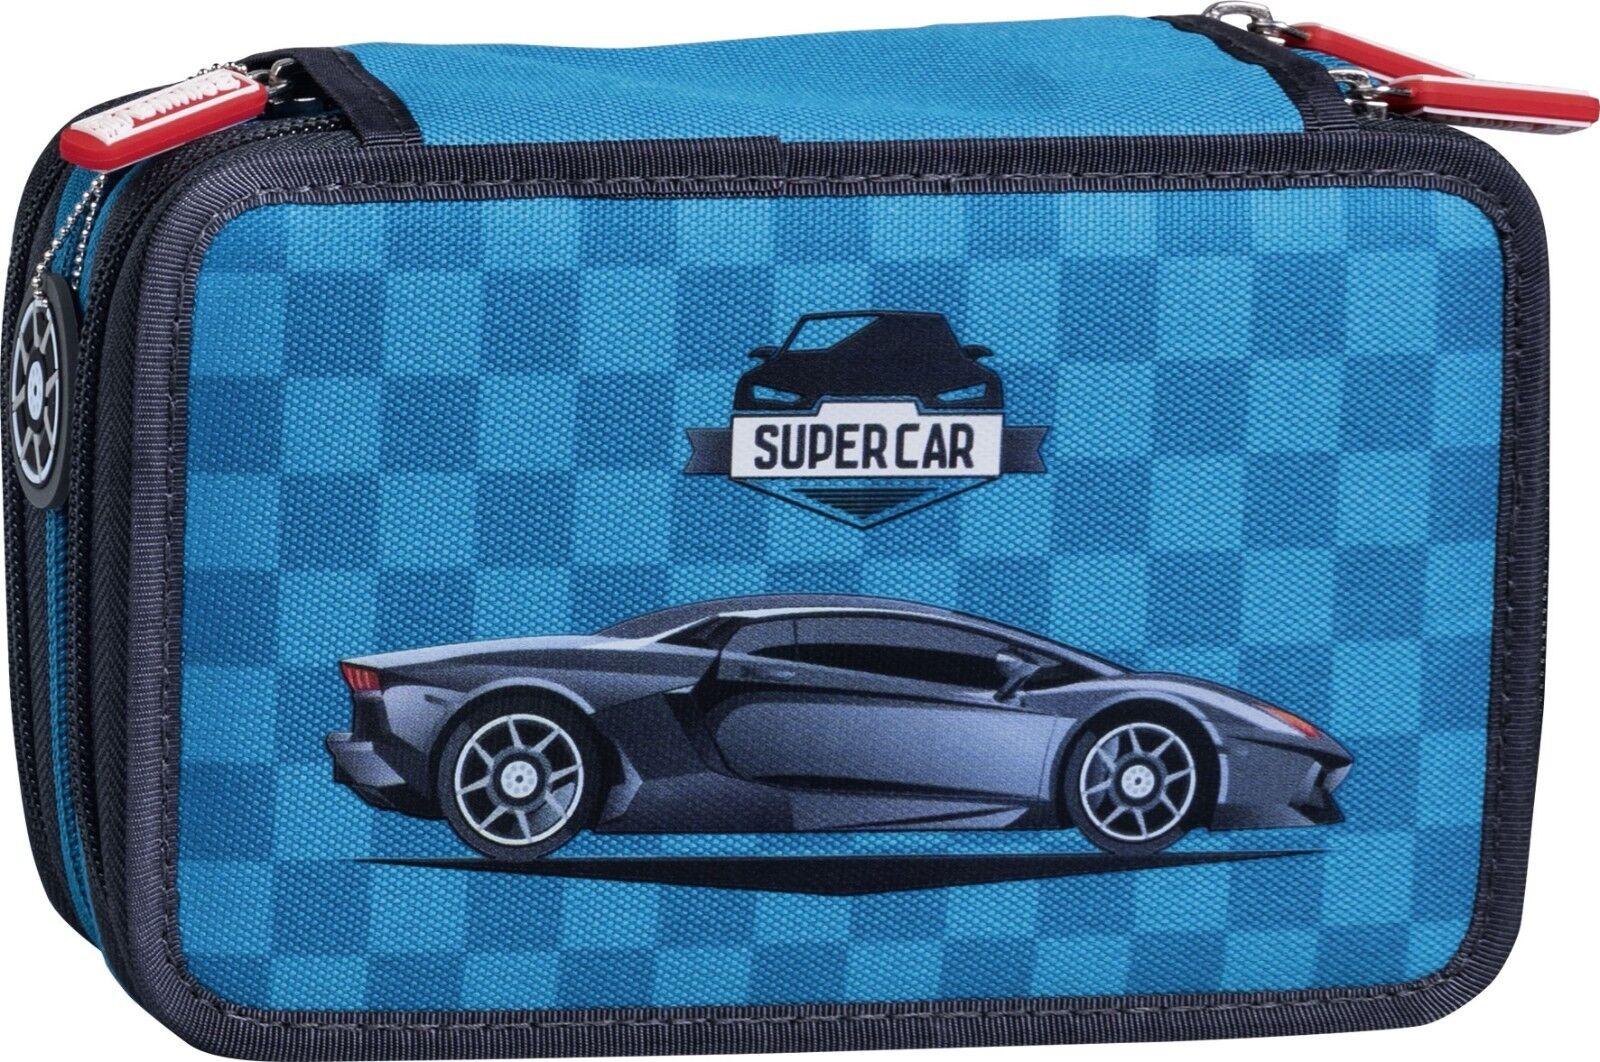 Federmappe 3 Etagen Supercar hochwertige Füllung Staedtler | Schöne Kunst  | Nicht so teuer  | Attraktive Mode